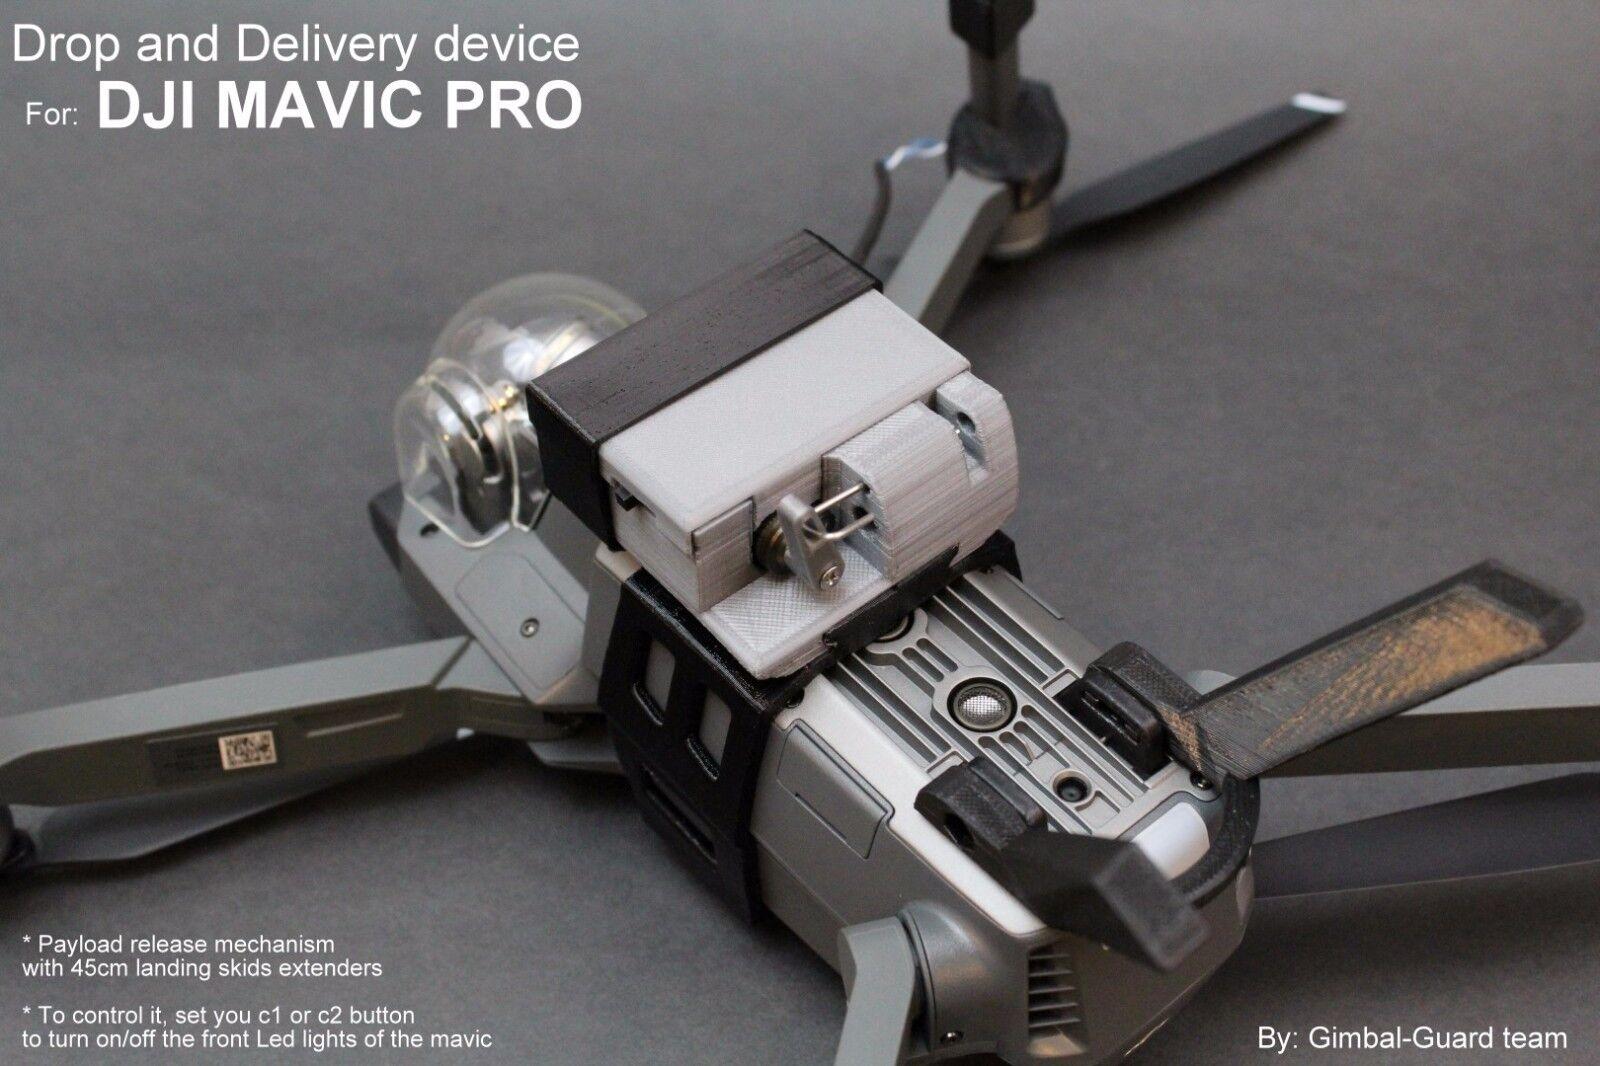 Drop & dispositivo de entrega para DJI Mavic Pro. carga útil Liberación, Drone pesca, Rescate